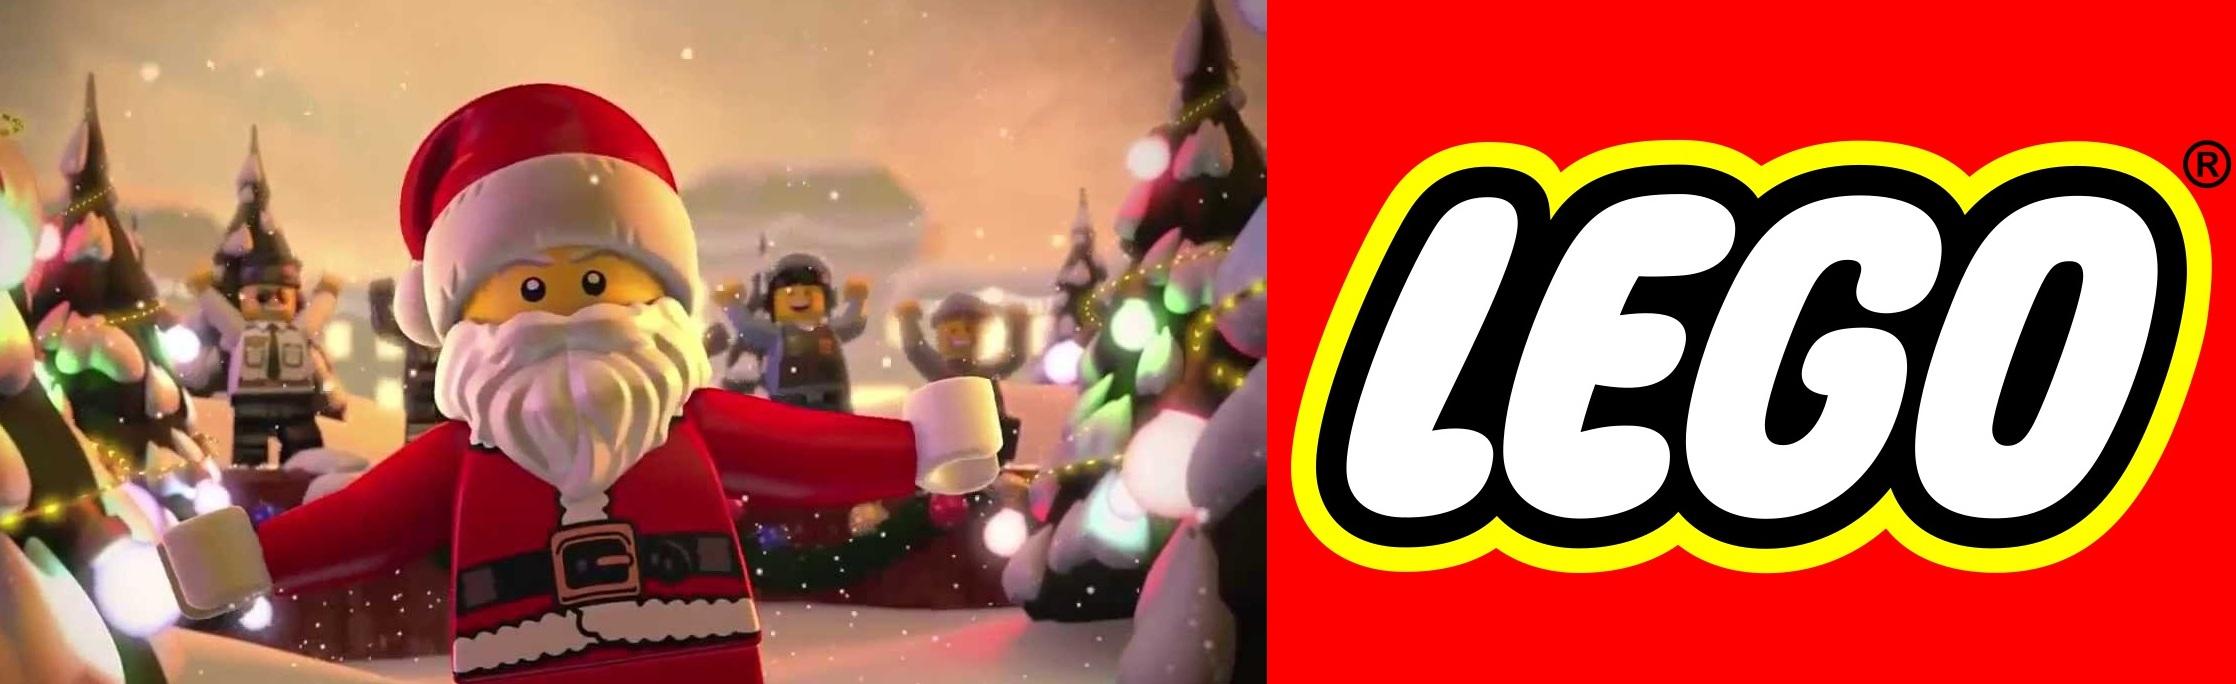 Babbo Natale A Casa Dei Bambini.Torna La Casa Di Babbo Natale In Fraternita E Sara Lego Mania